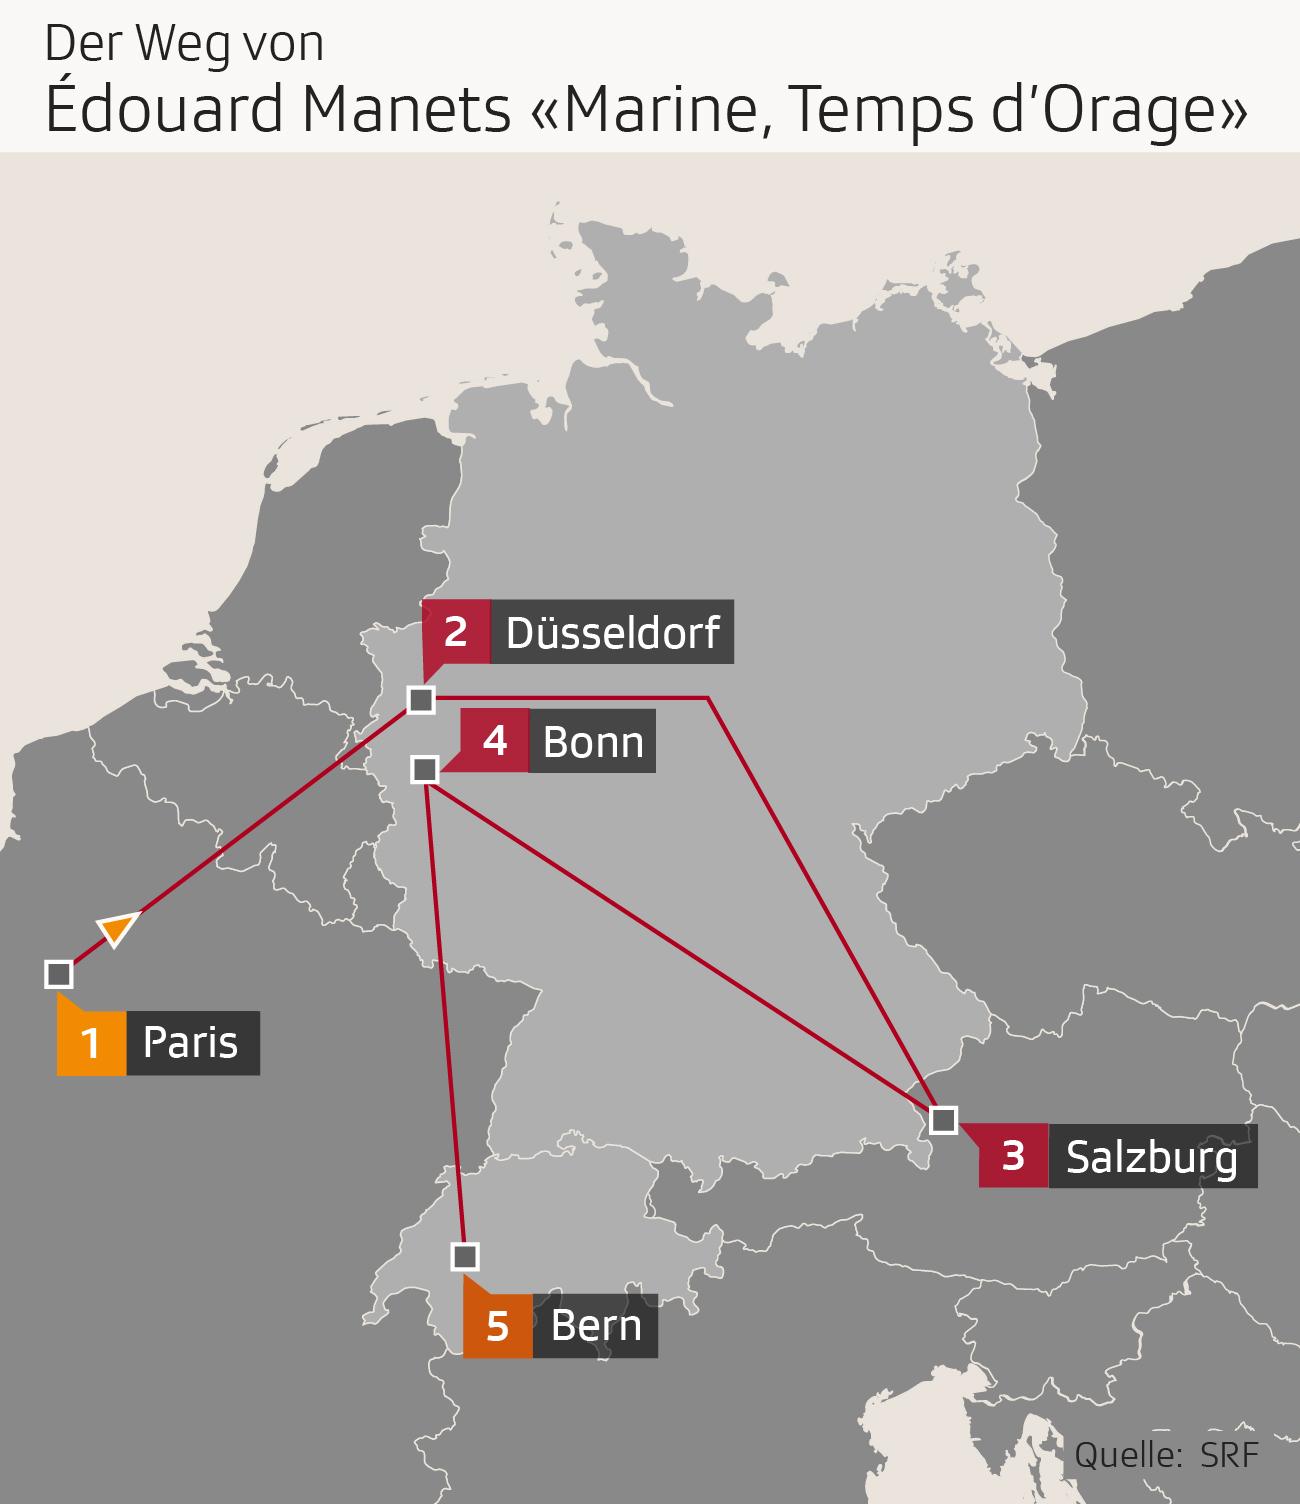 Der Weg von Edouard Manets Marine Temps d'Orage